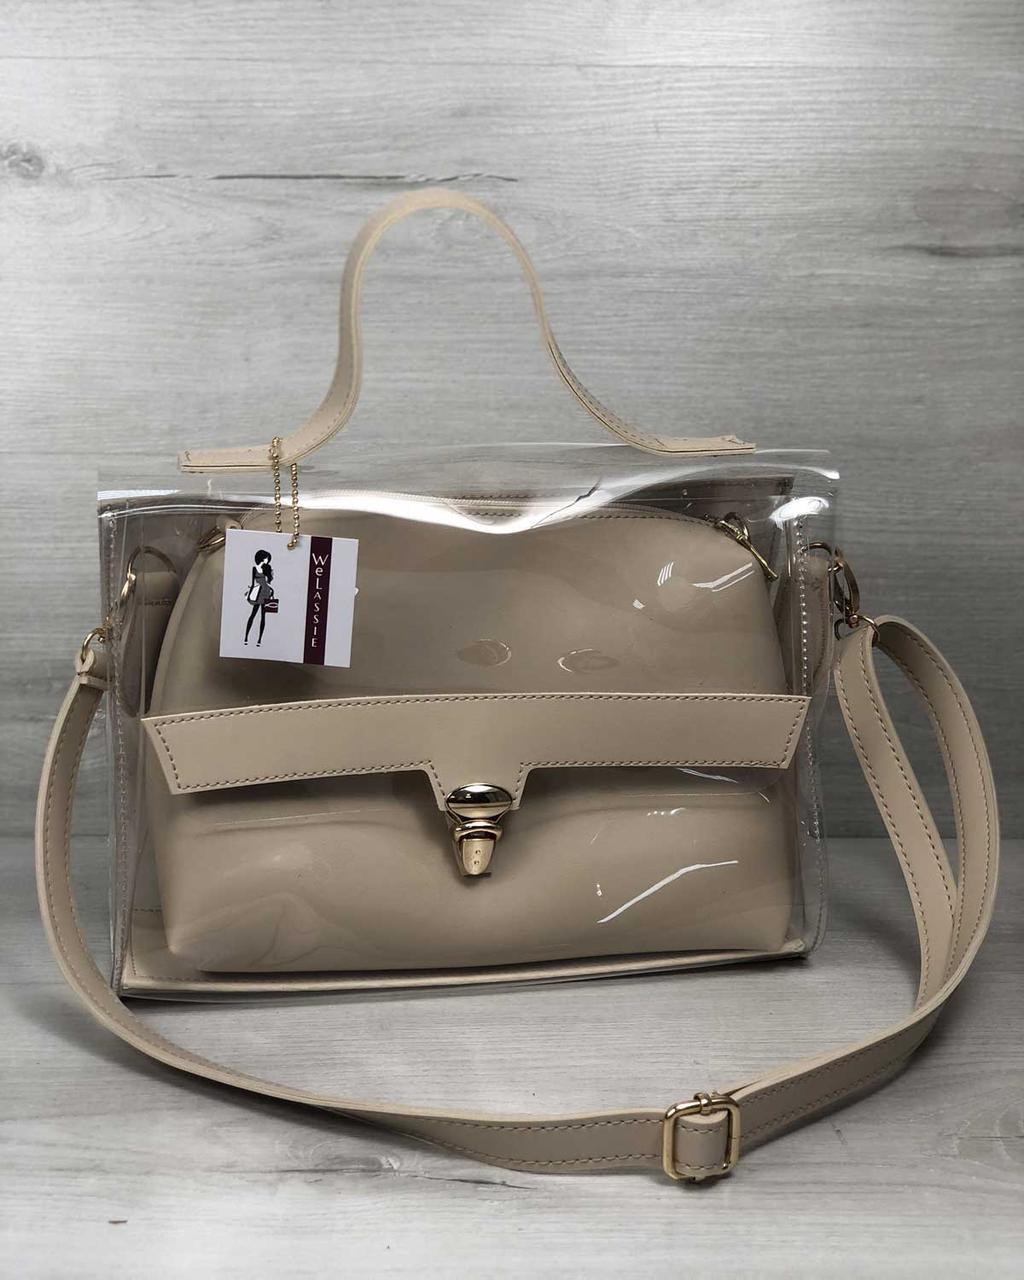 Молодежная сумка Эрика бежевого цвета с силиконом (прозрачная) 2 в 1